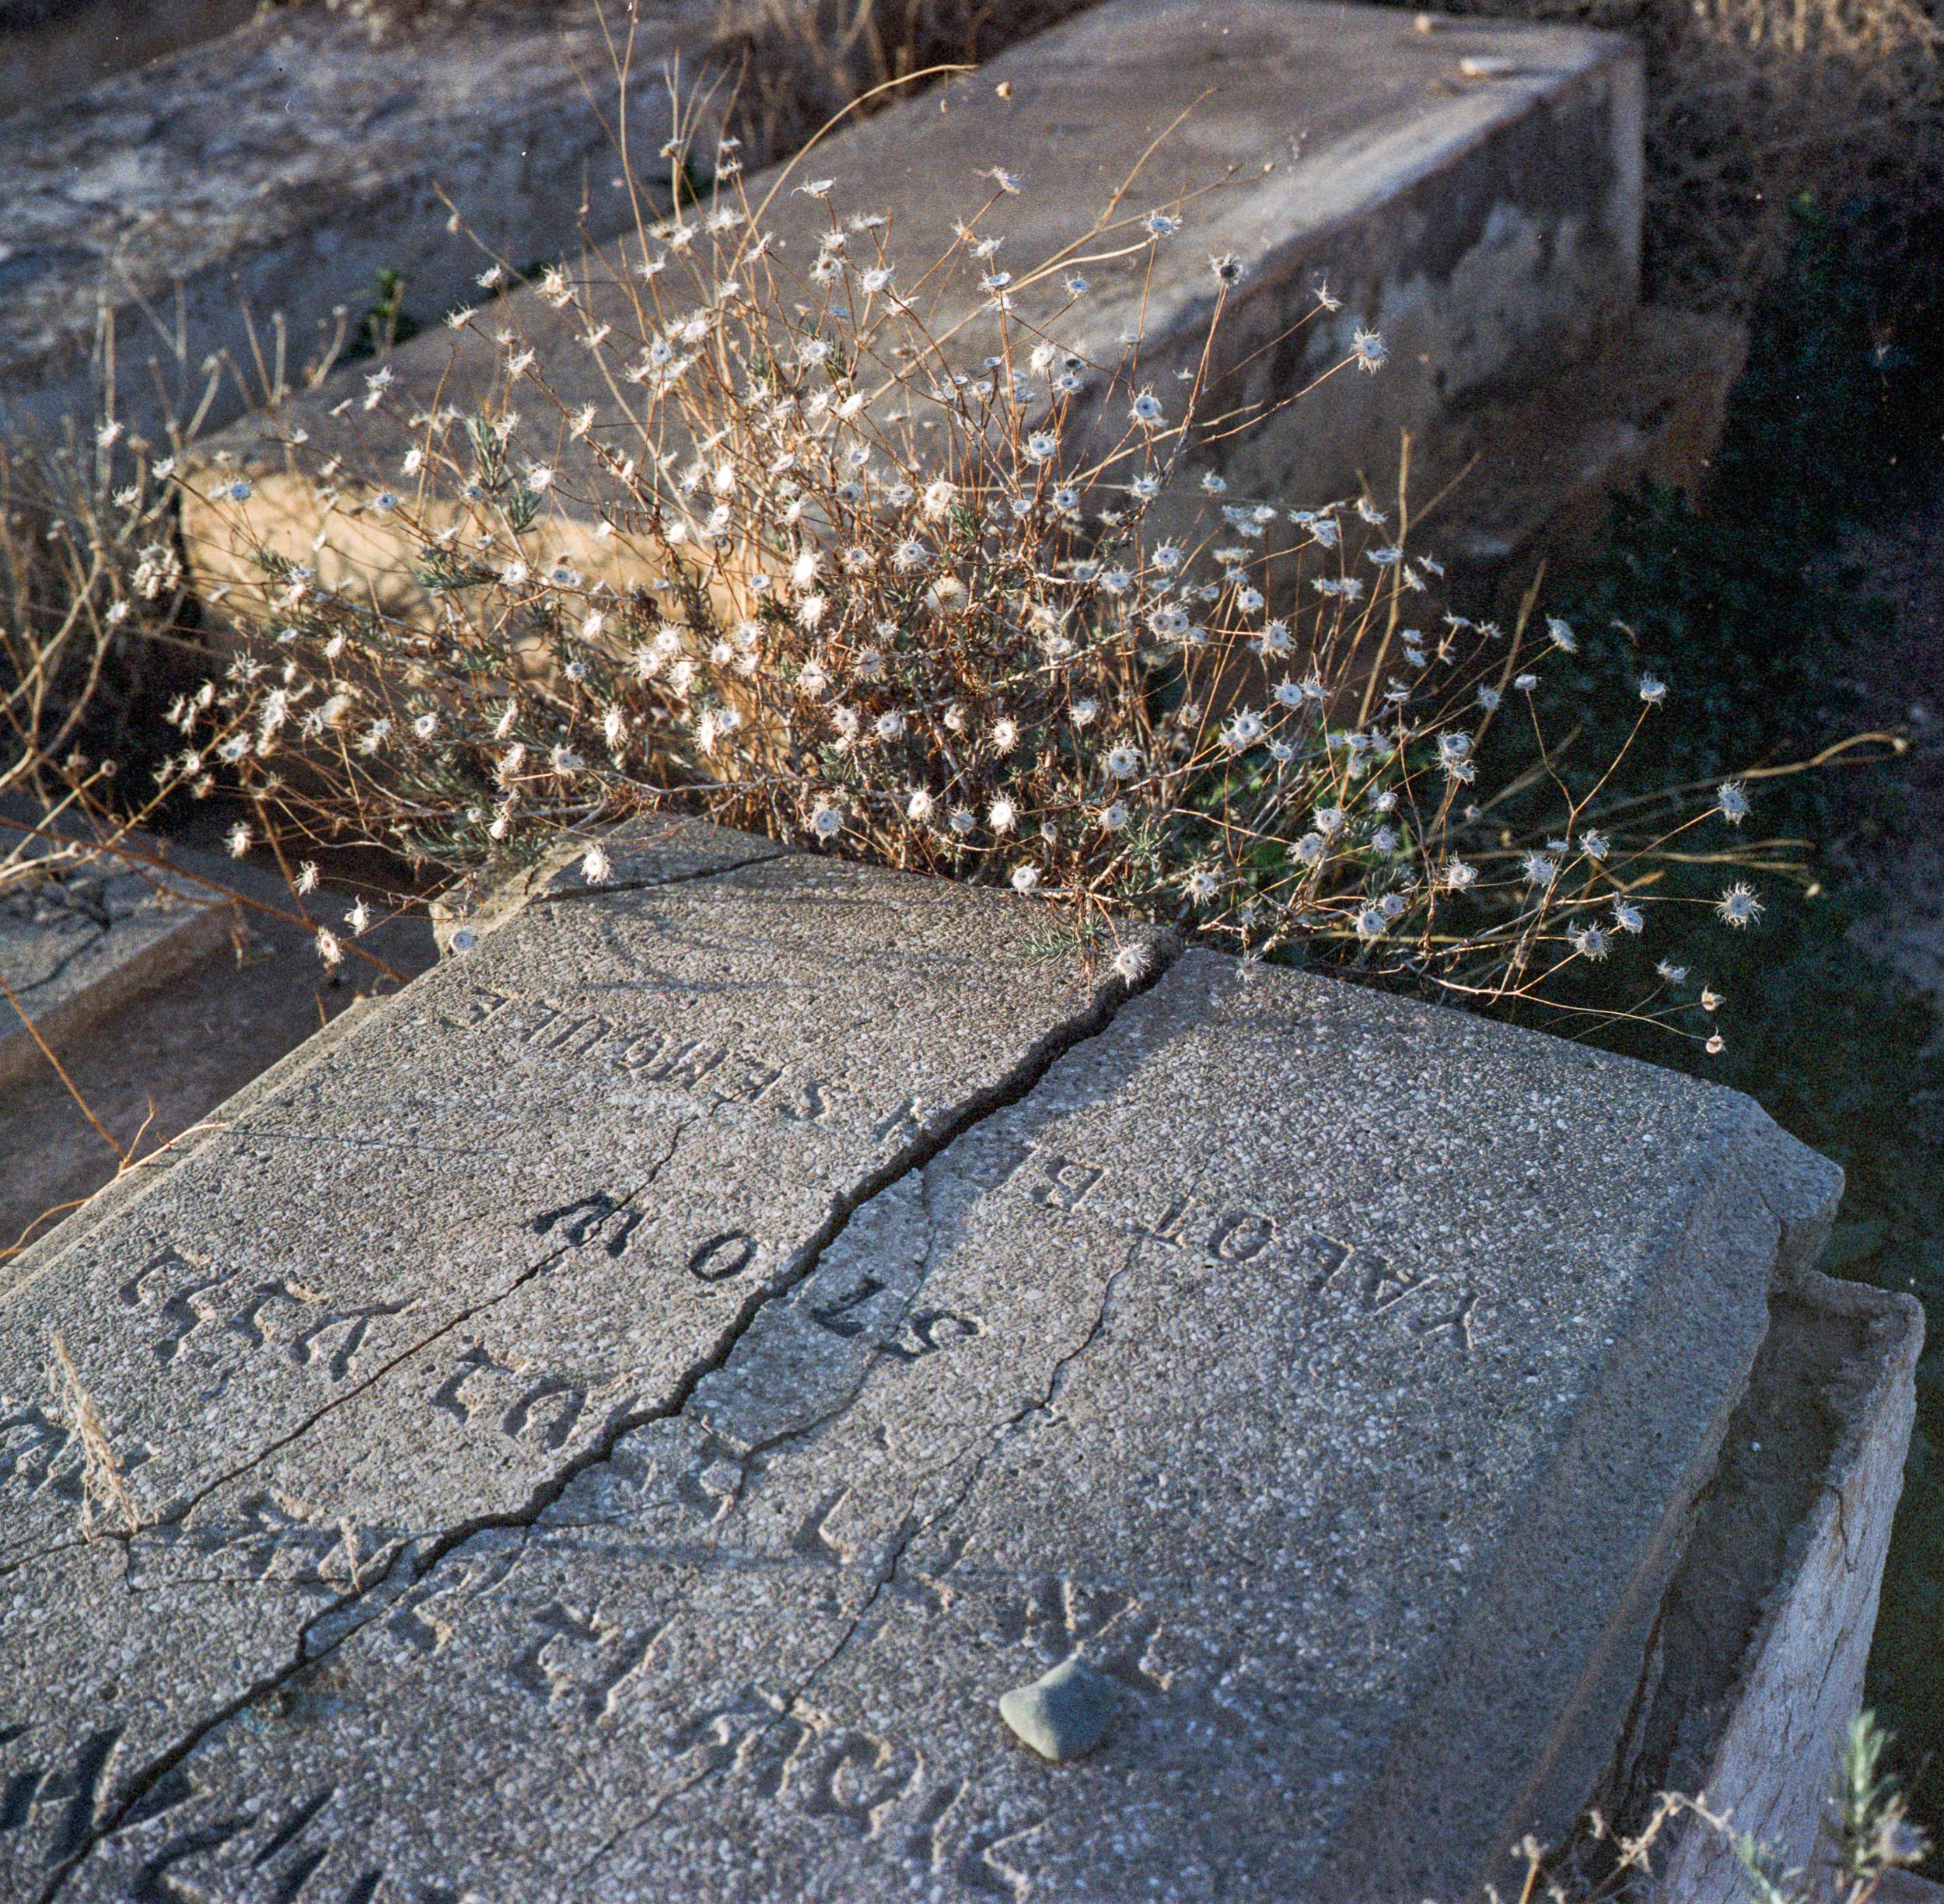 002_2015_MOR_Cemeteries_scans_0009.jpg